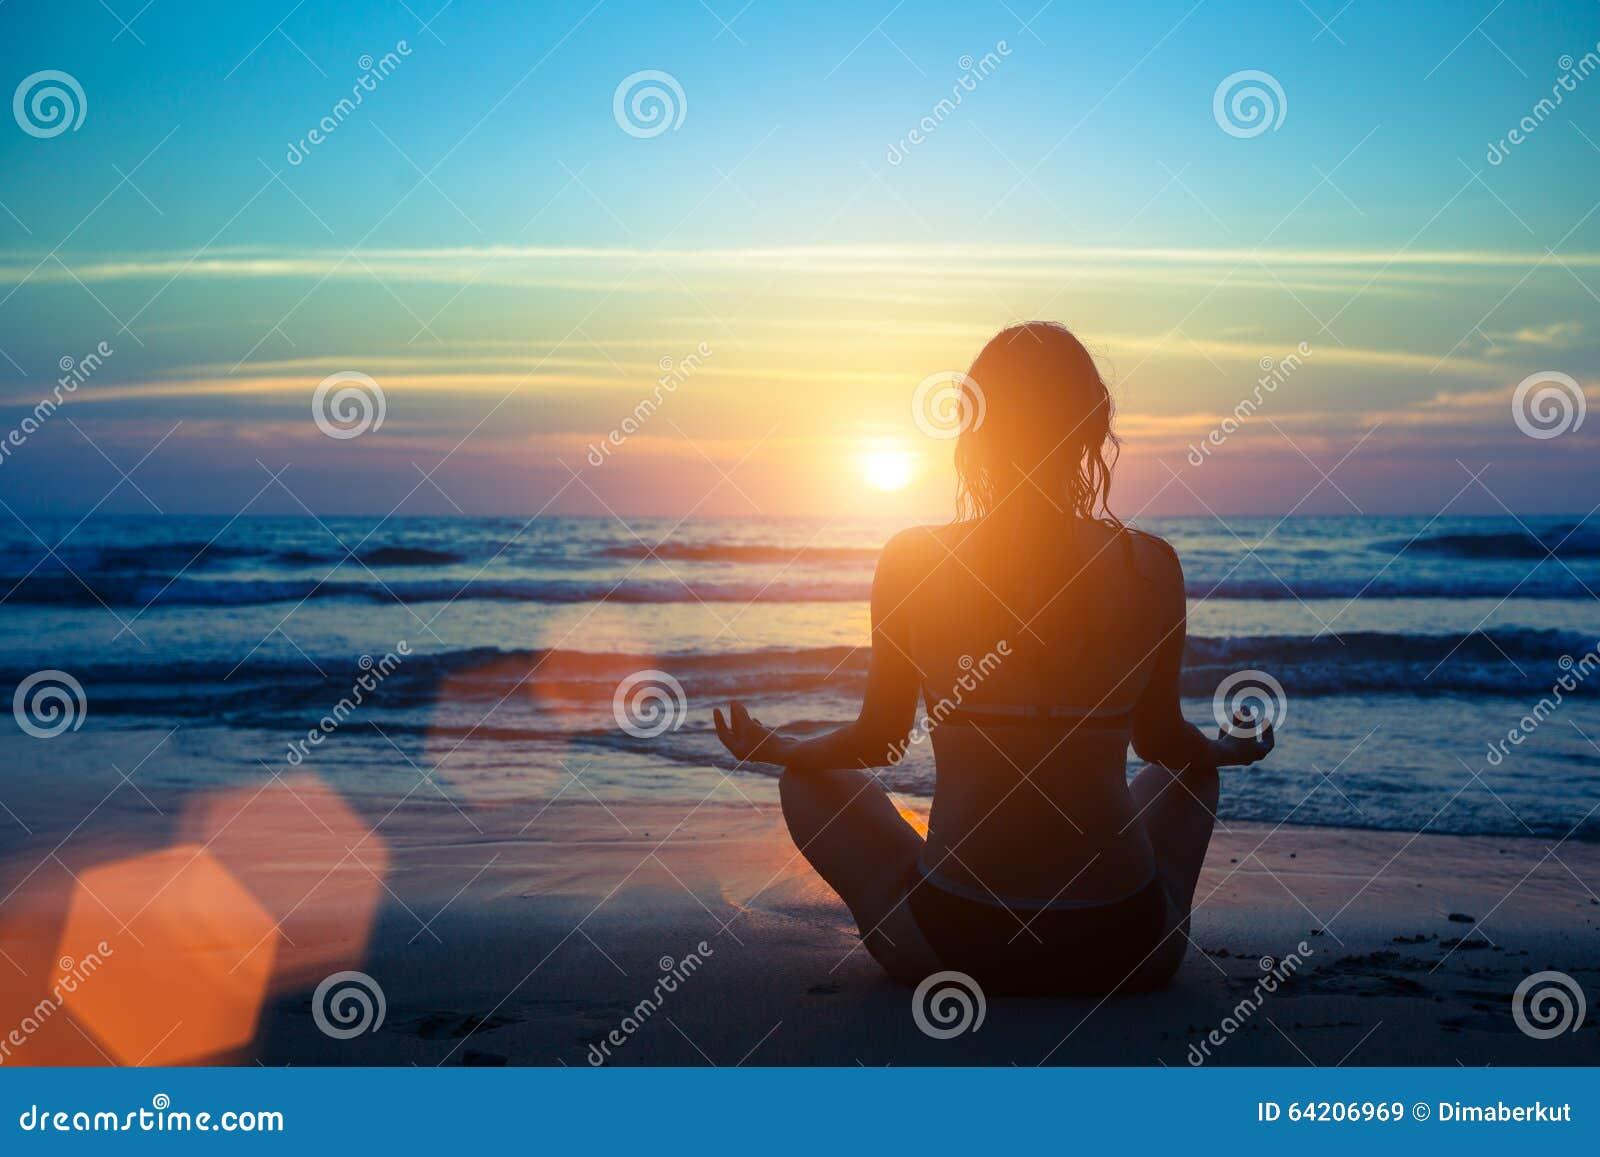 Siluetee la yoga practicante de la mujer en la playa en la puesta del sol